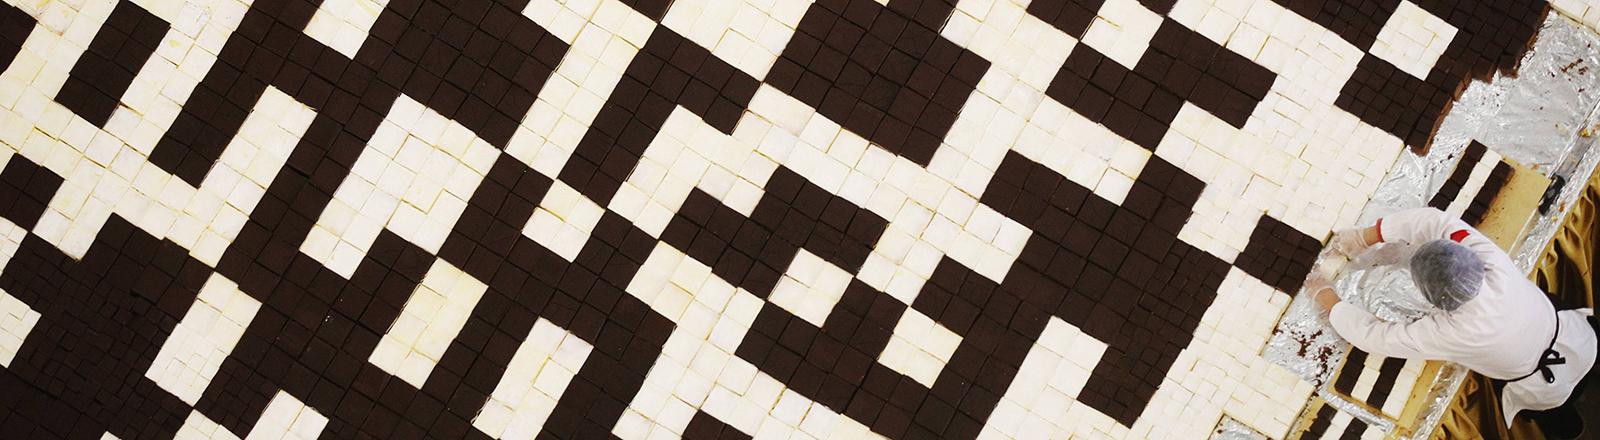 Aufnahme von oben: Ein großer Kuchen trägt auf der Oberfläche einen QR-Code. Eine Person steht am Rand und schneidet ein Stück ab.